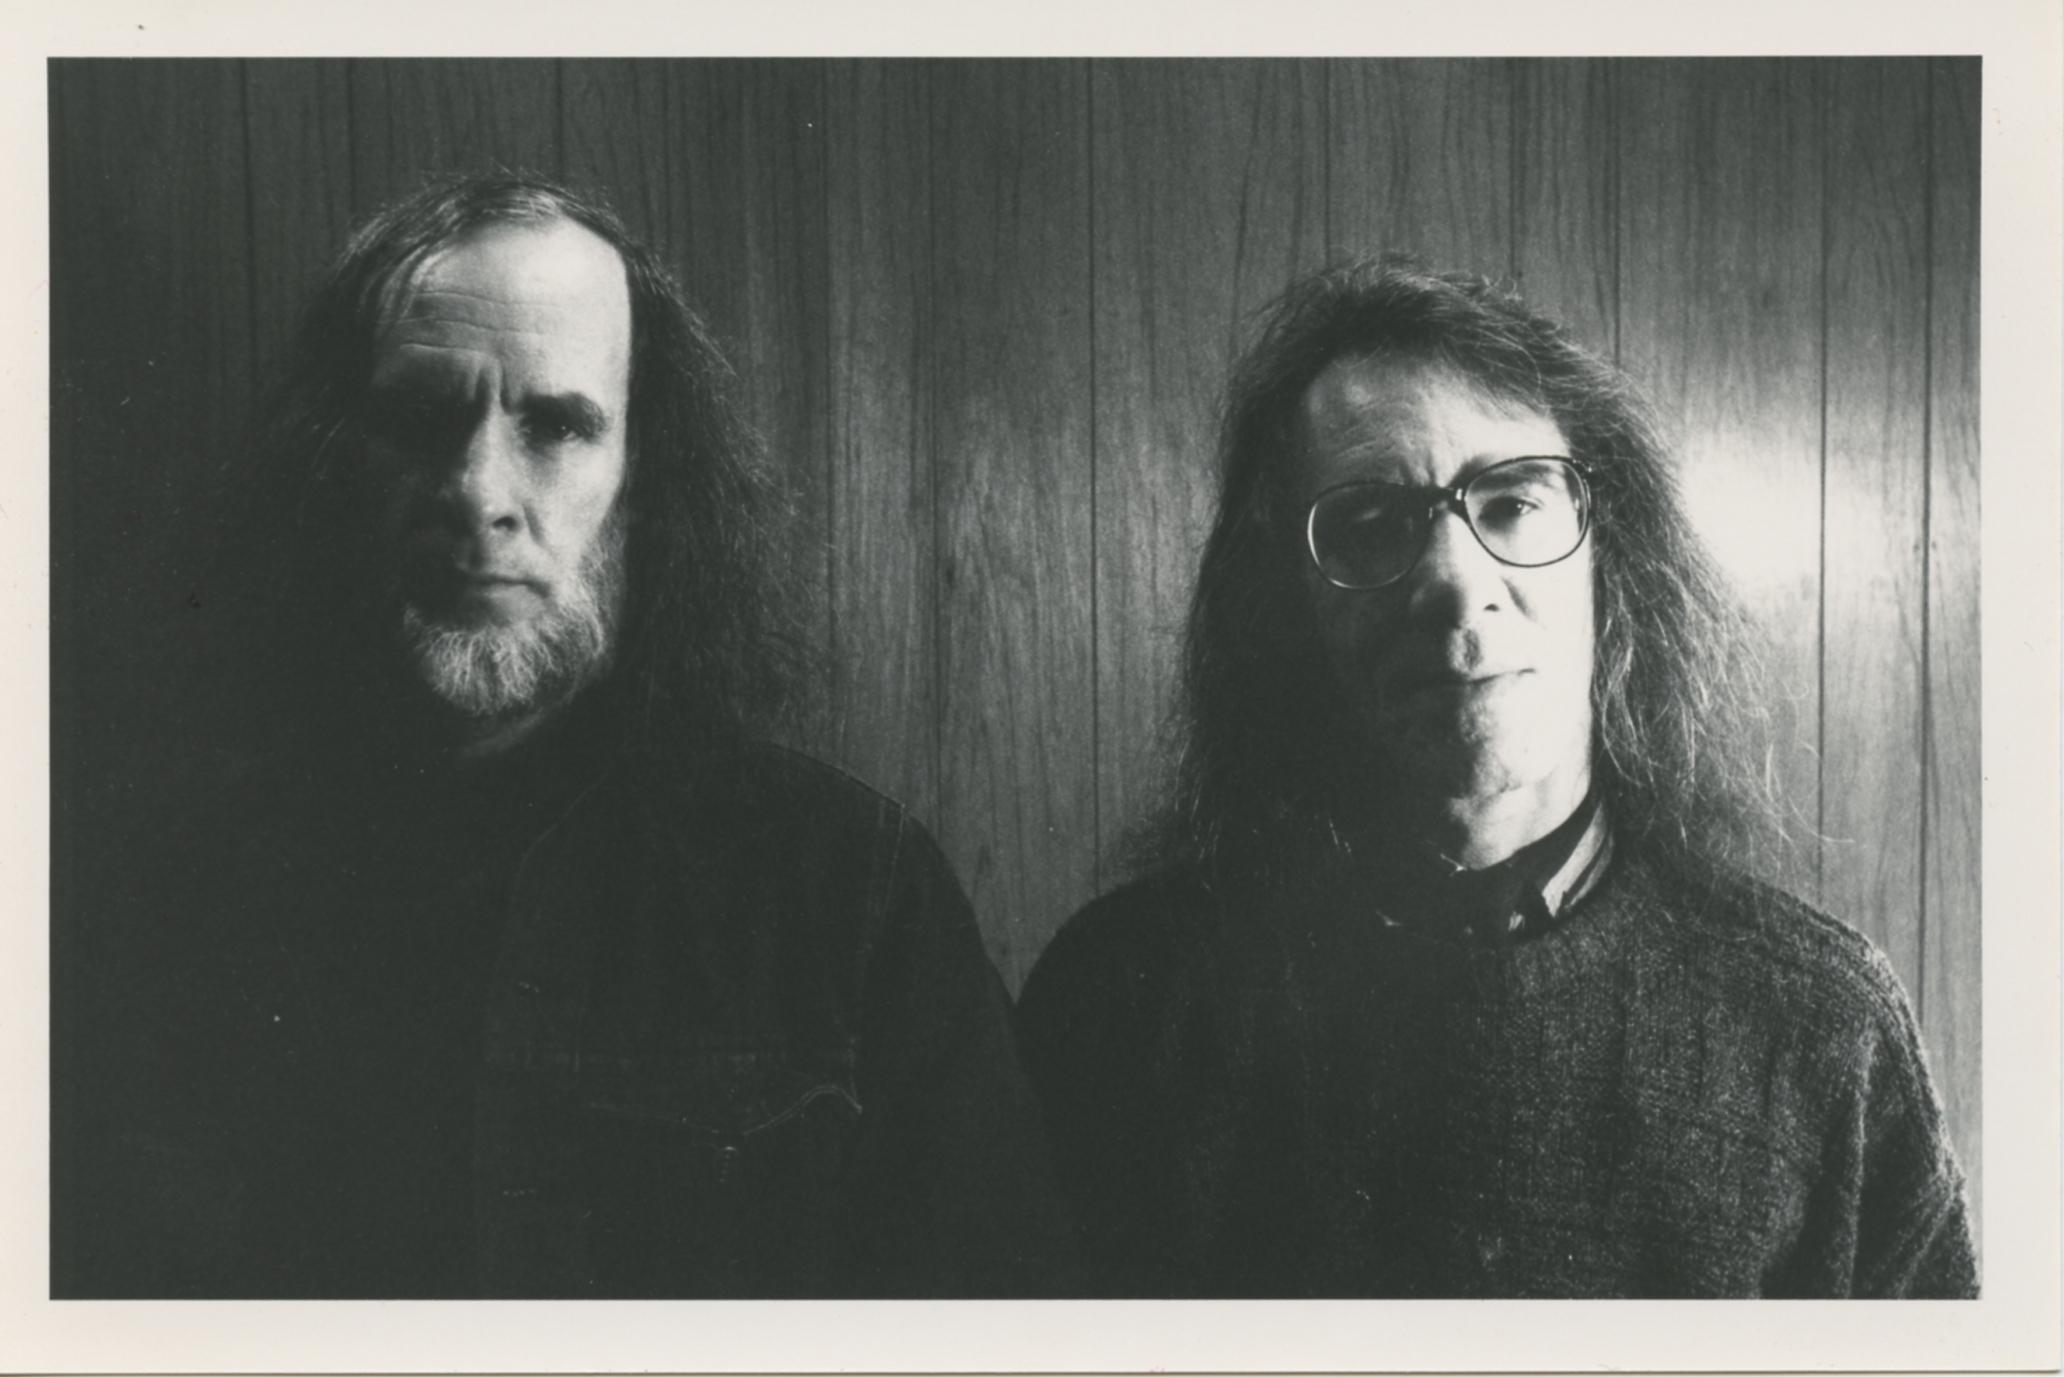 Marcel et François Hébert en 1988. Photo: Marc-André Gagnon.